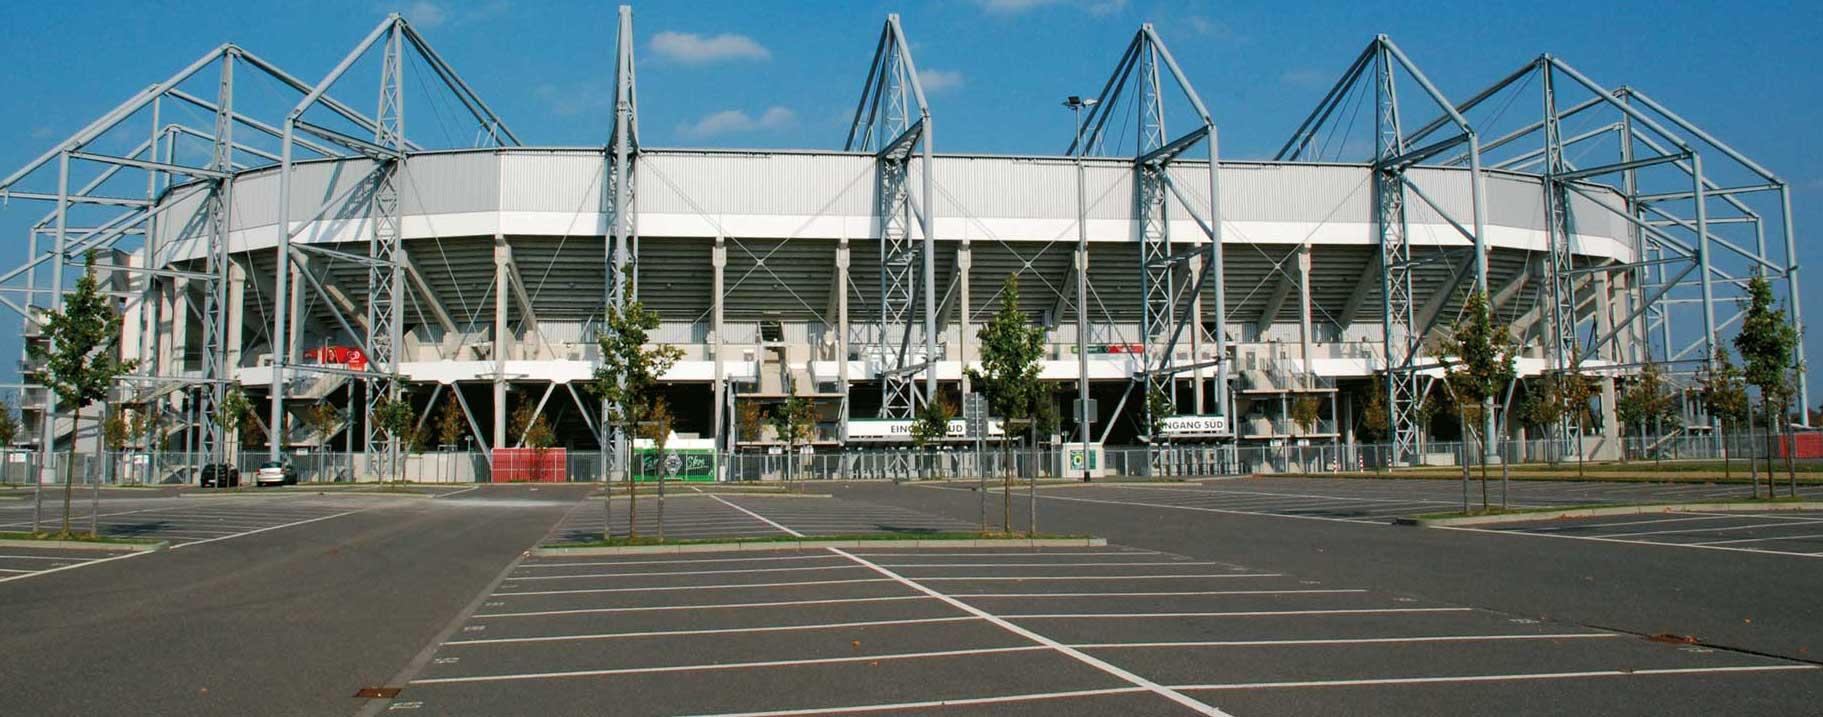 Parken Mönchengladbach